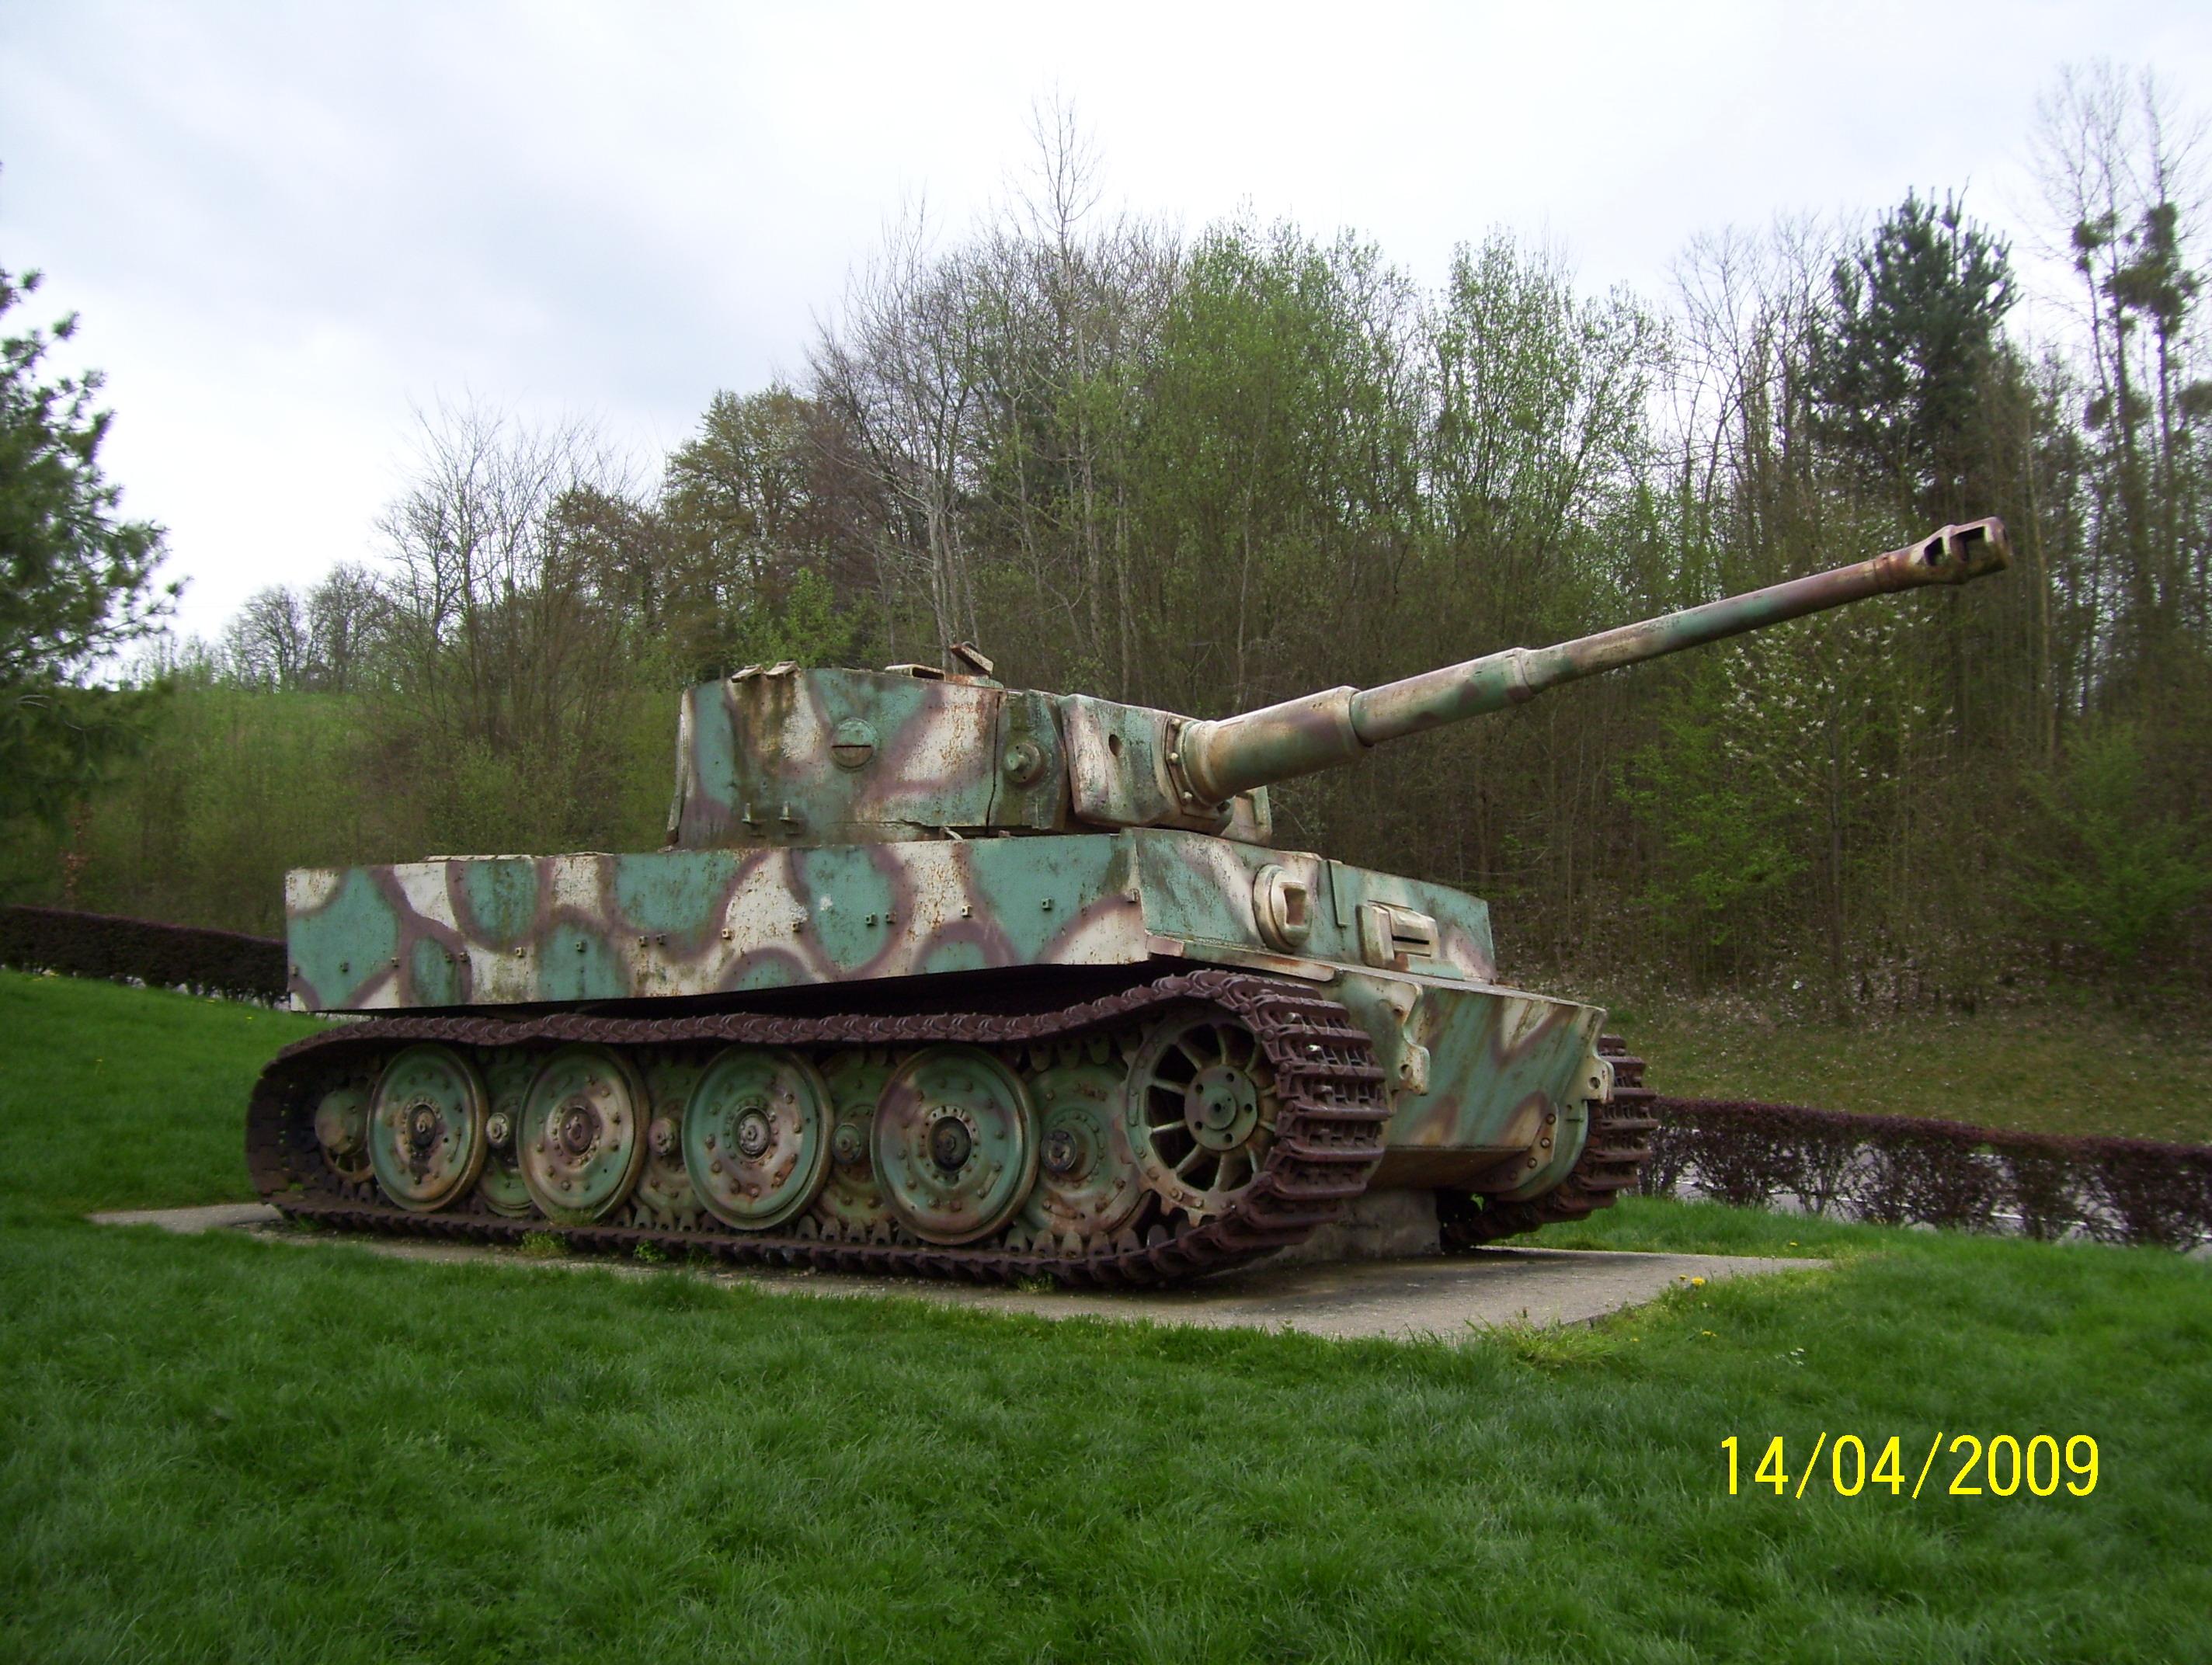 Char tigre a vimoutier vestiges 2eme guerre en normandie for L interieur du char de vimoutier